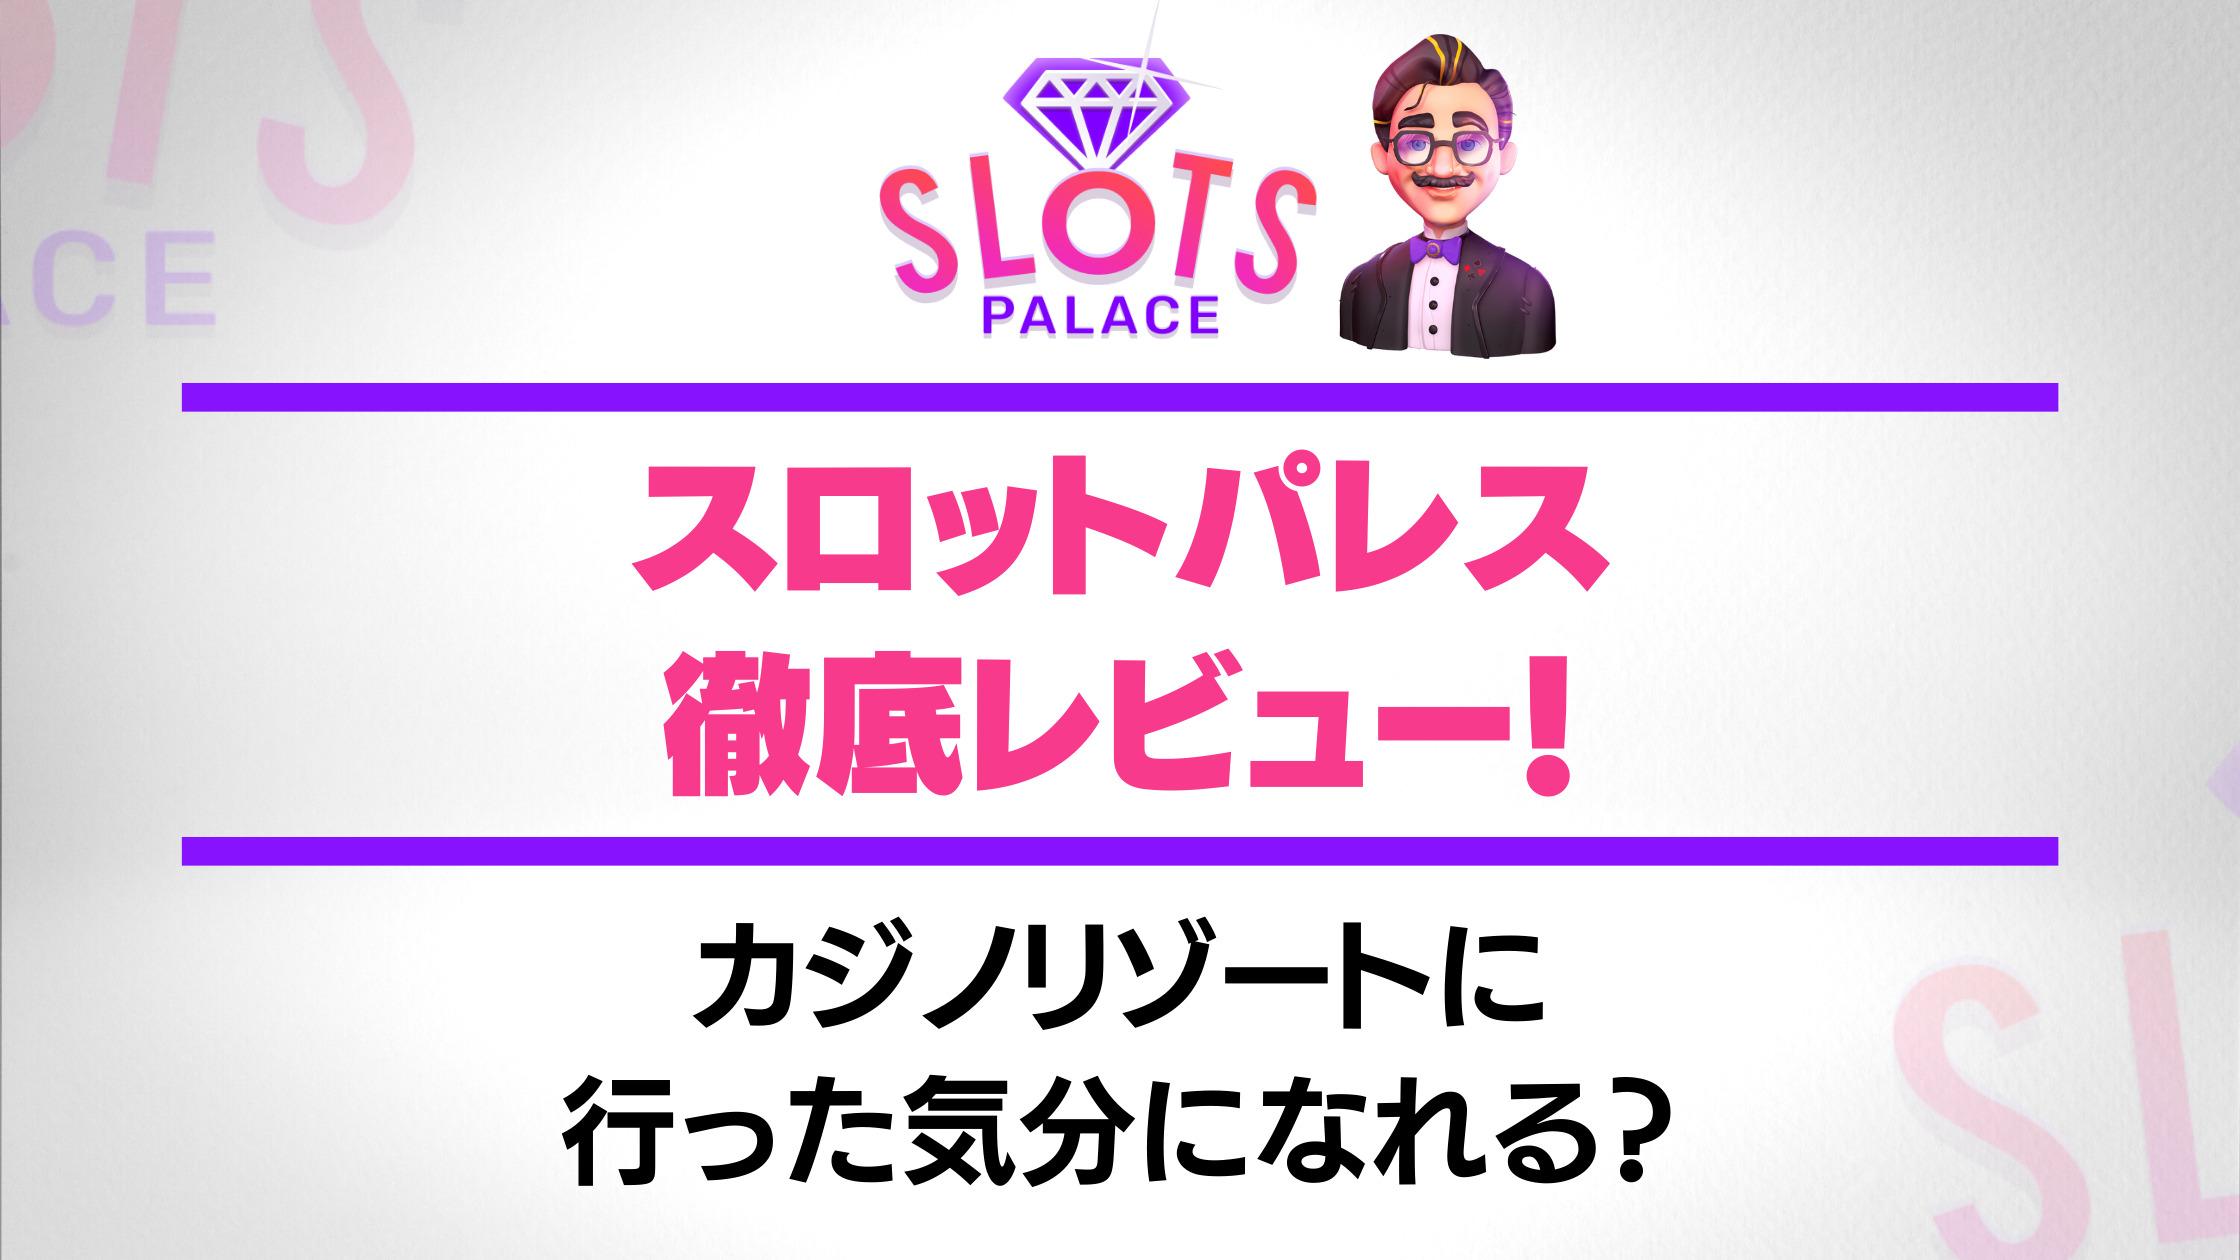 【日本初上陸!】お洒落なスロットパレスカジノ!初回入金ボーナスなど徹底レビュー!